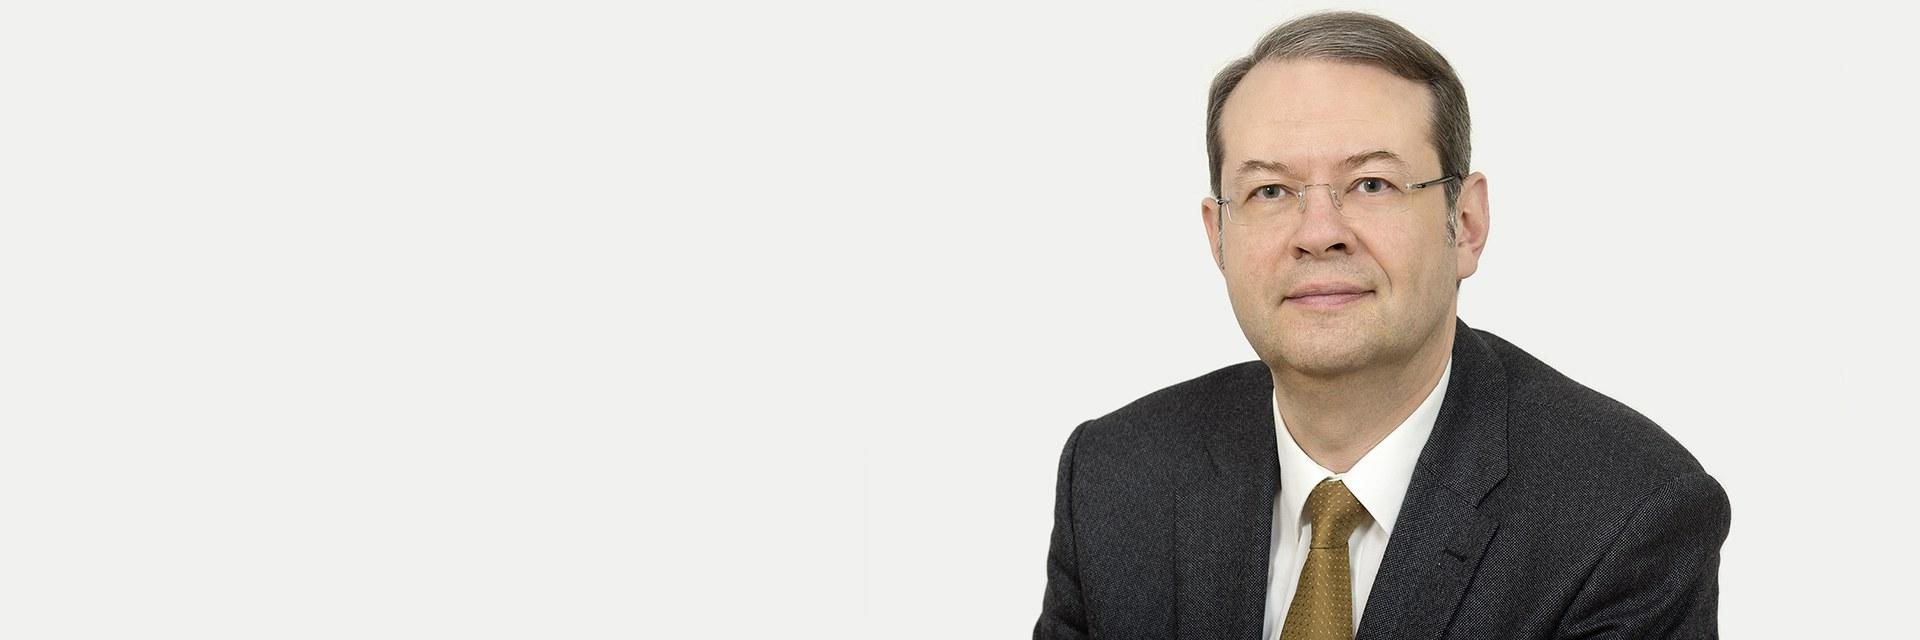 Markus Schwenkreis